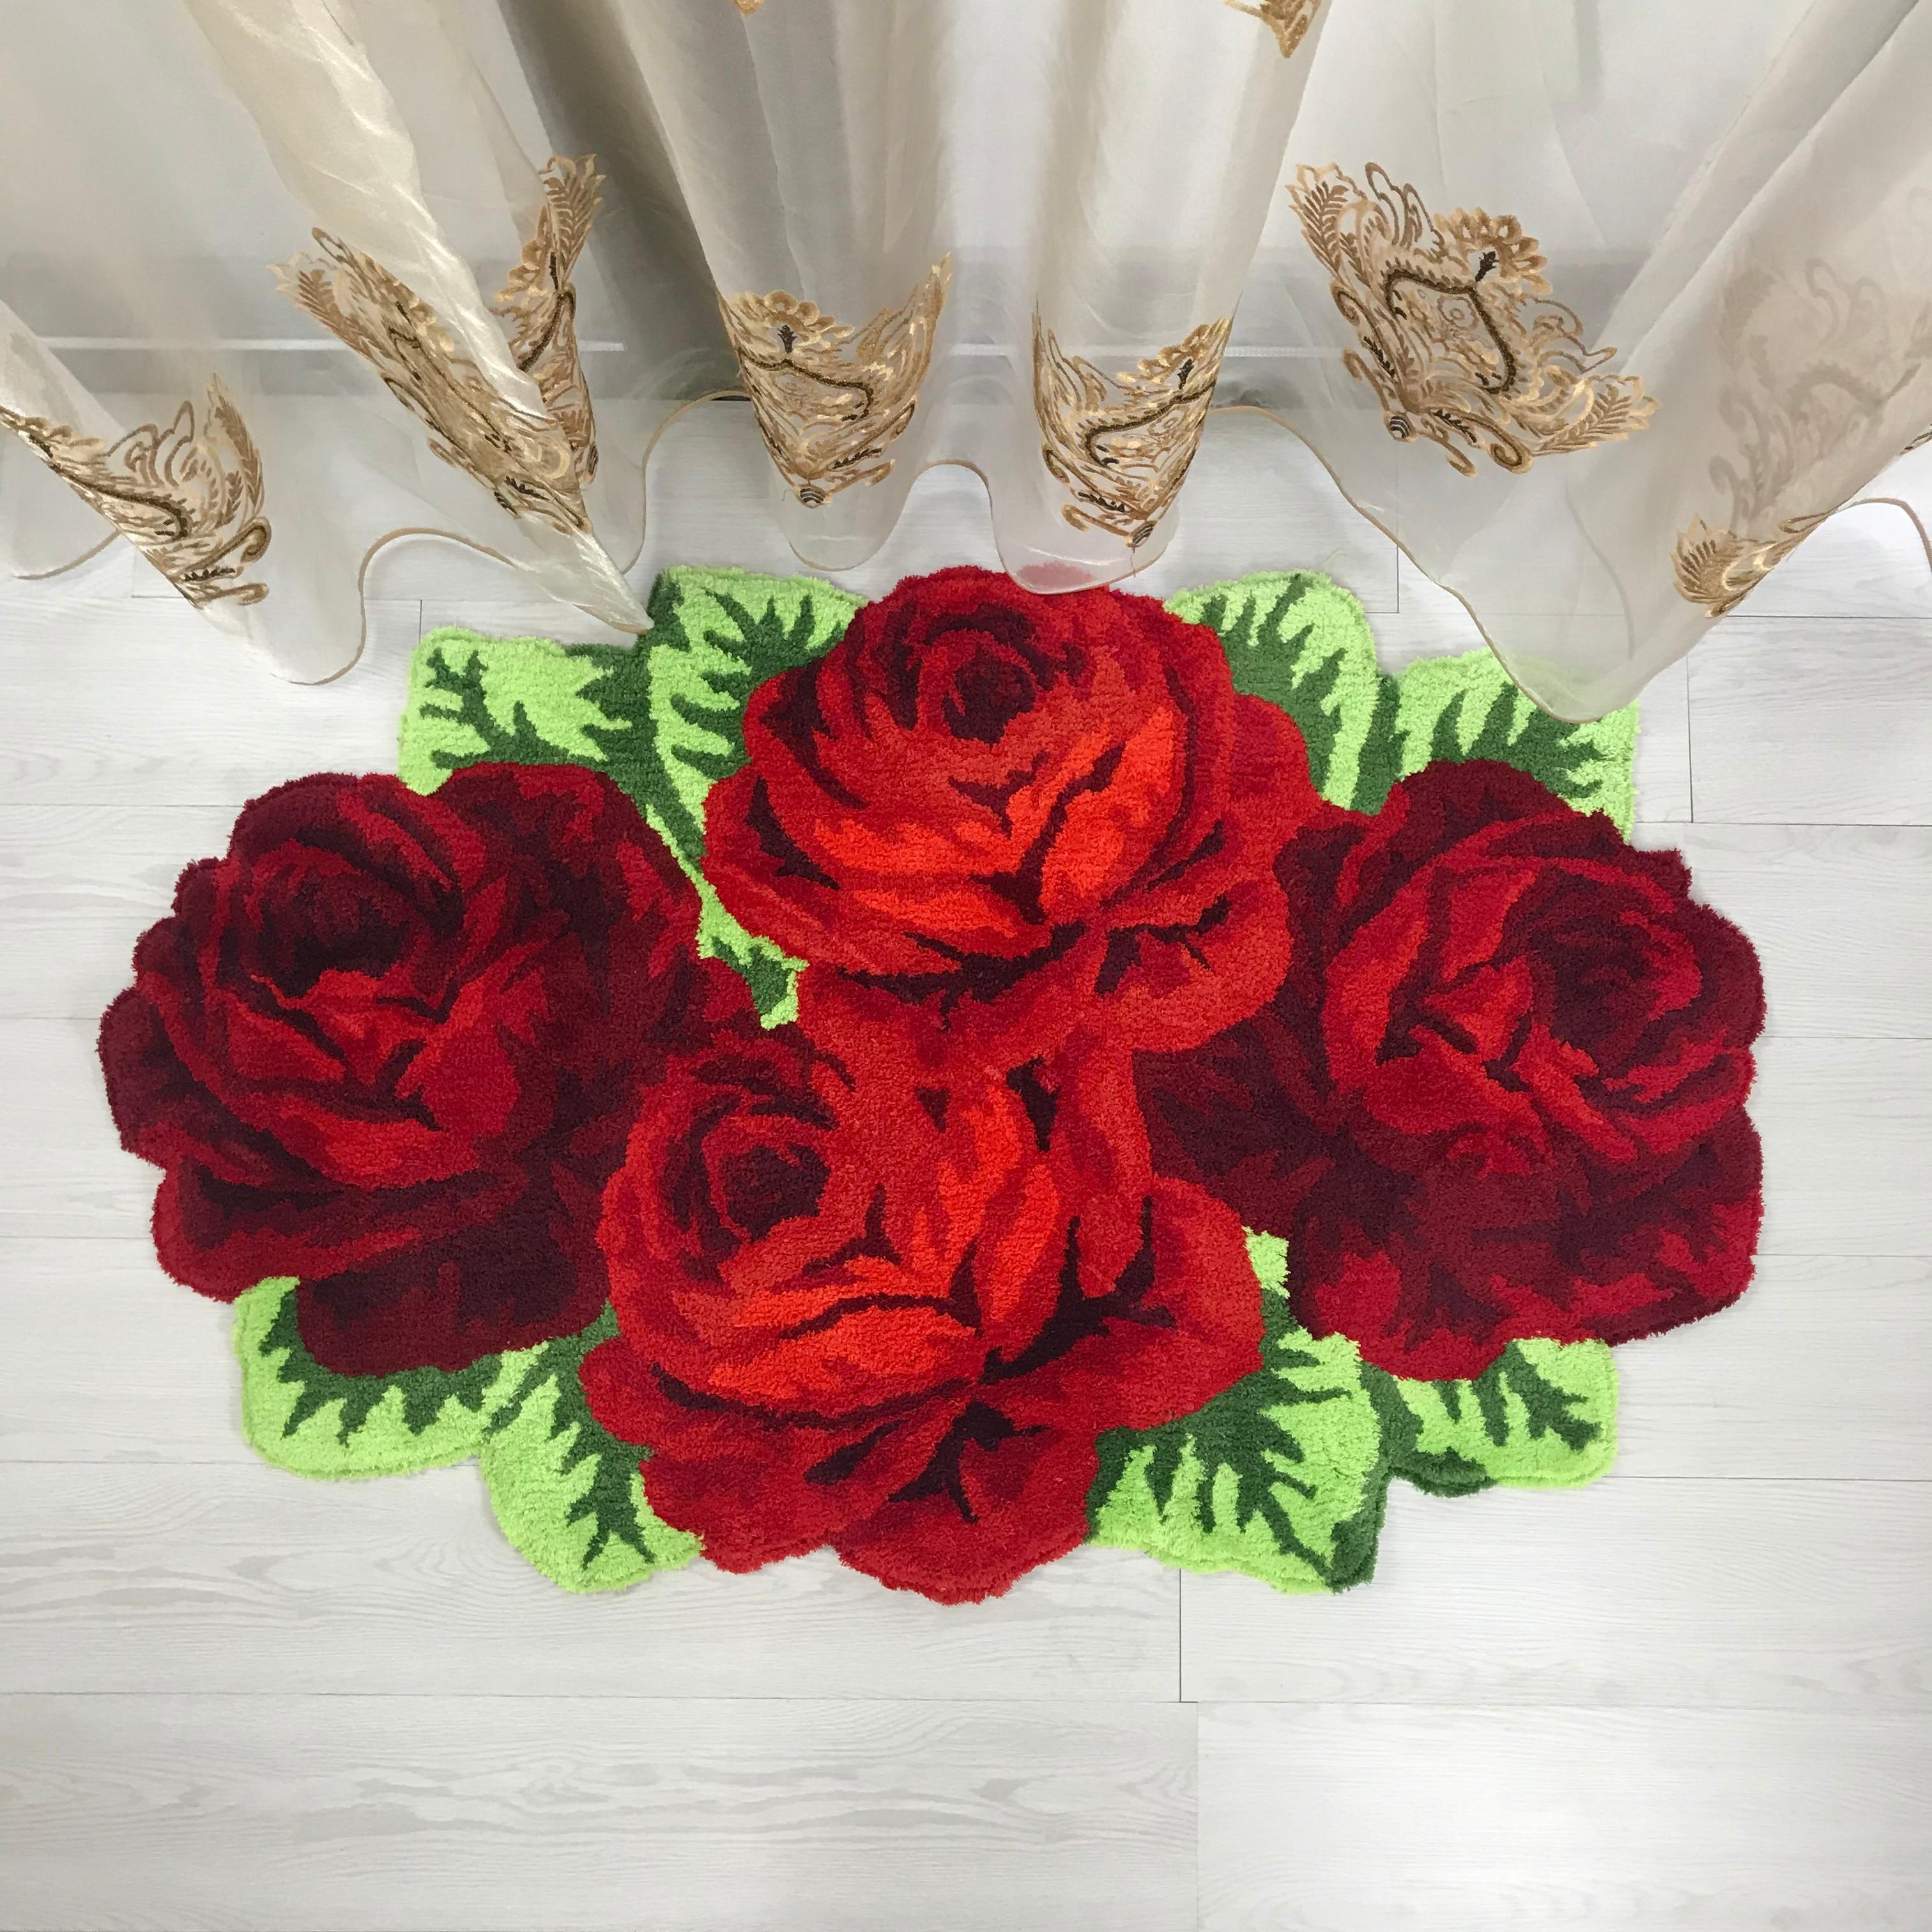 Haute qualité luxe 3d rose tapis chambre tapis maison salon mariage amant fleur tapis salon art tapis de sol doux 200*120cm - 5